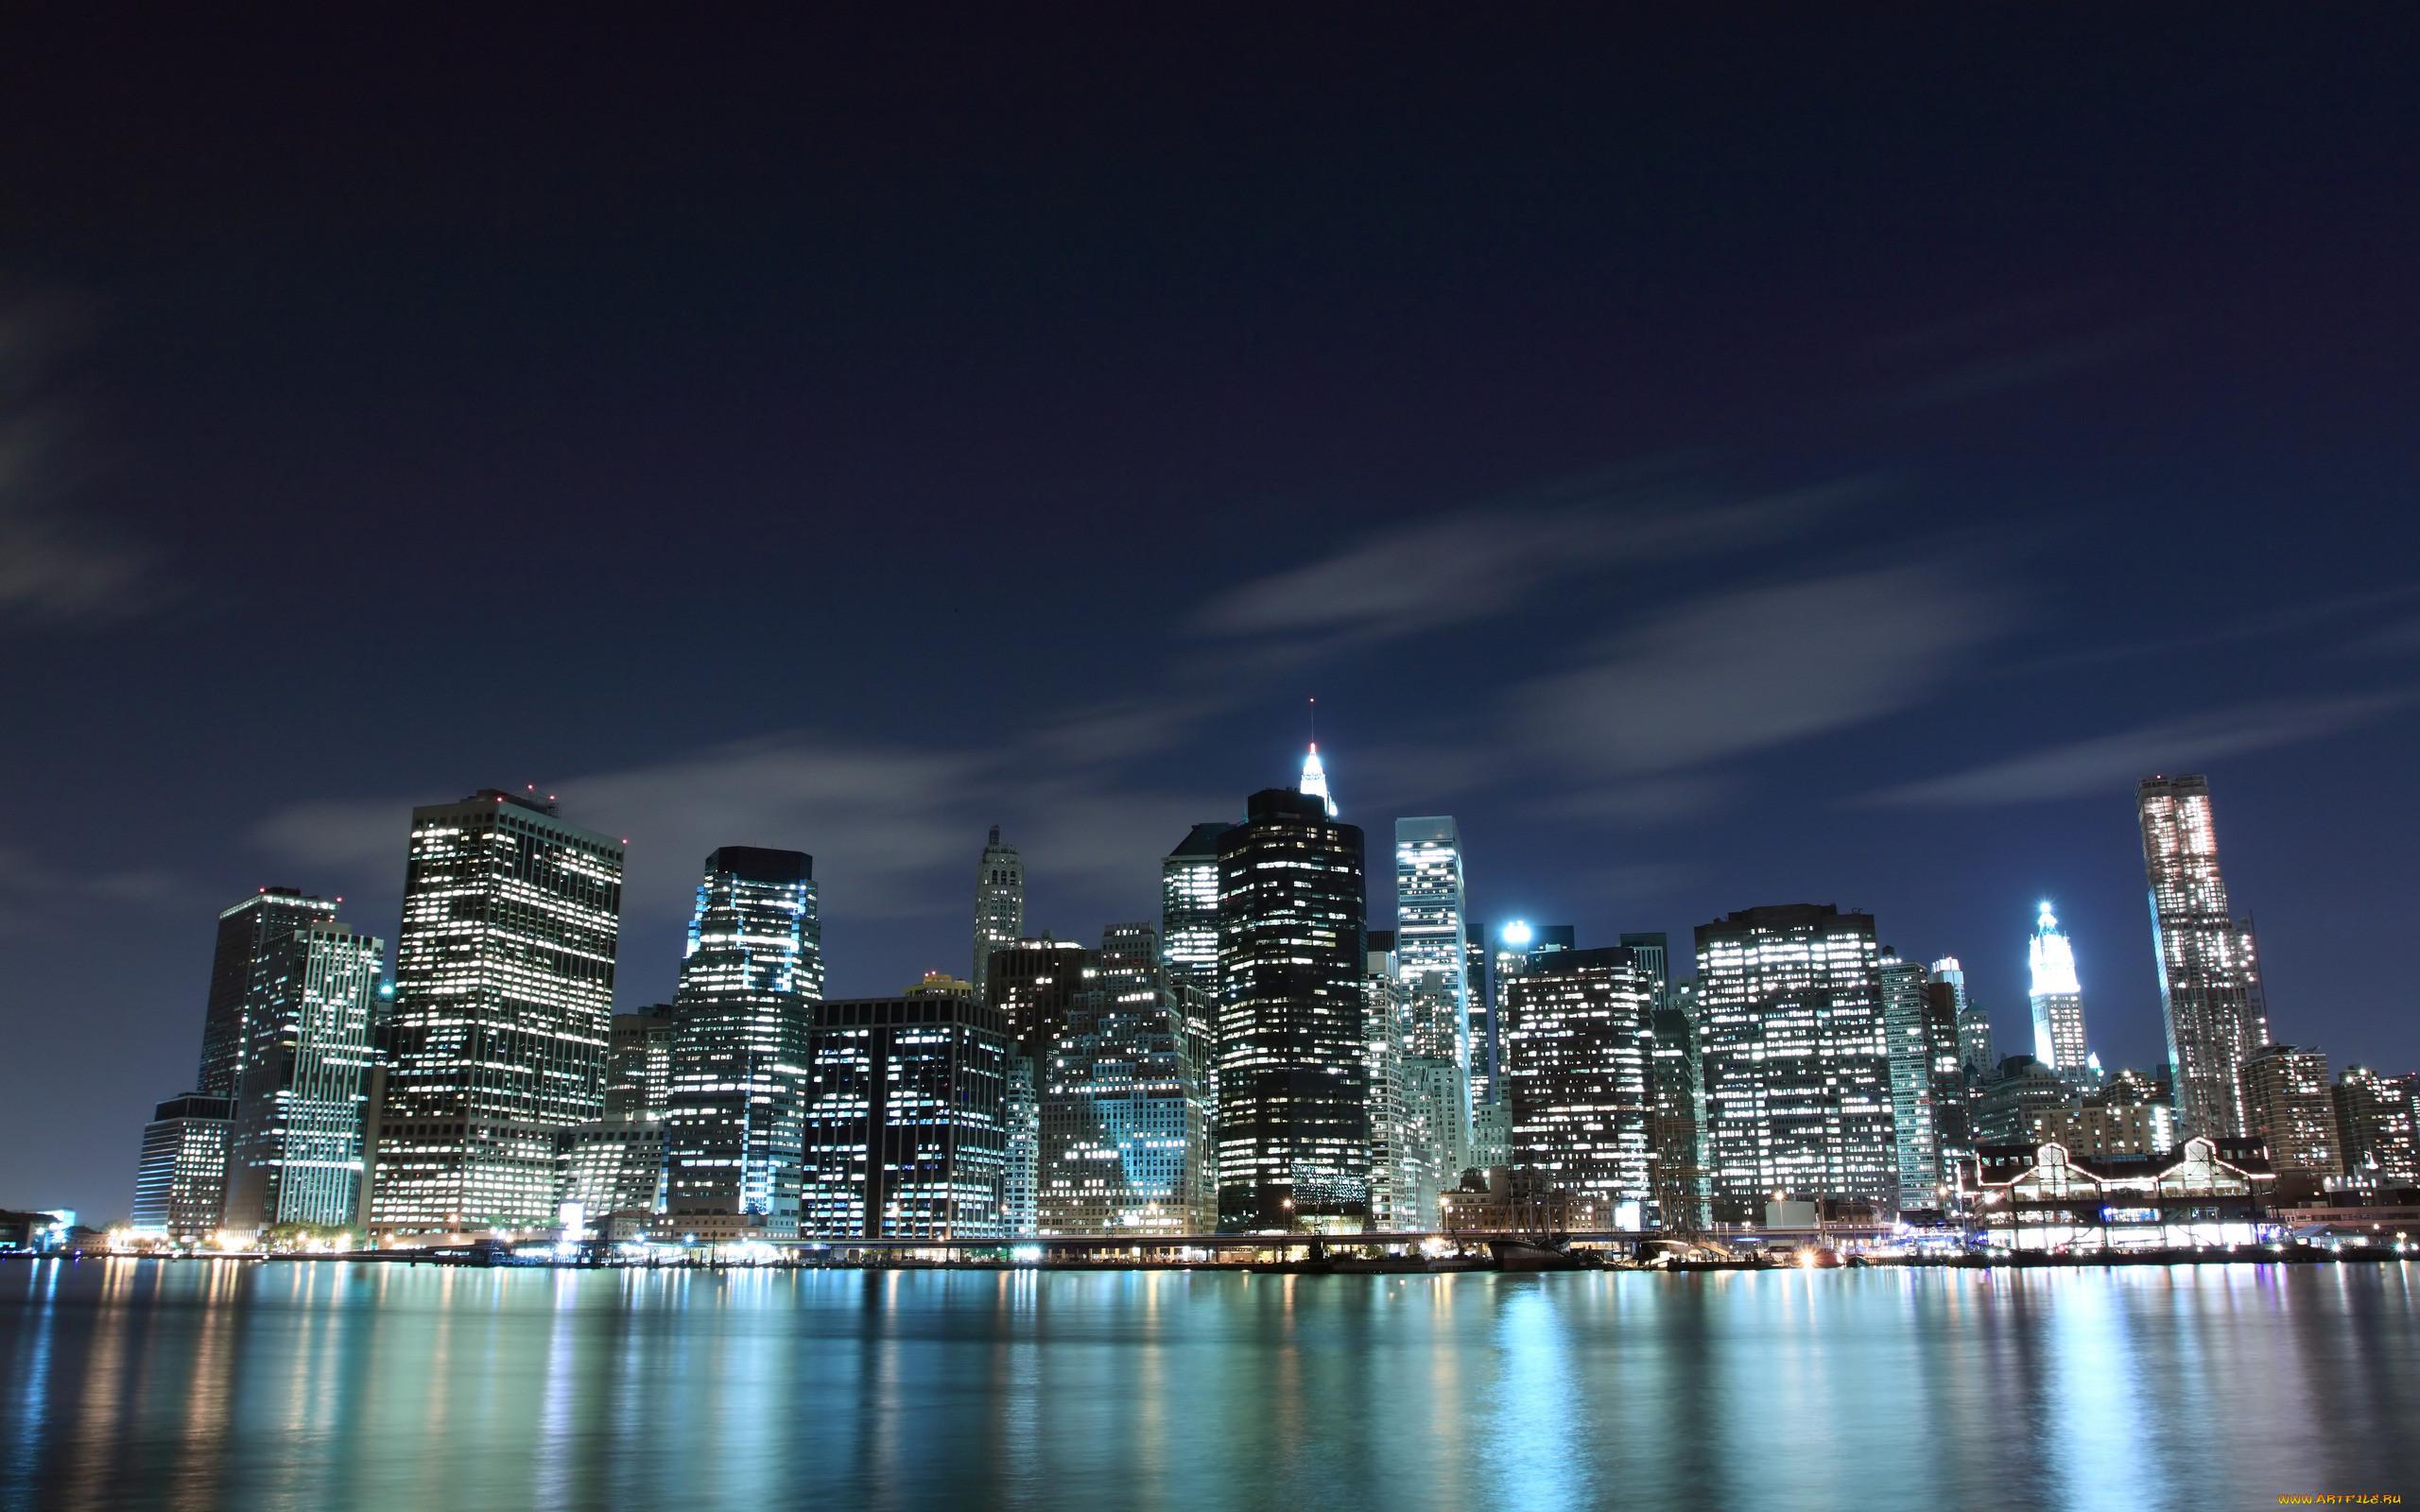 пляжах фотообои с ночным городом будем технику